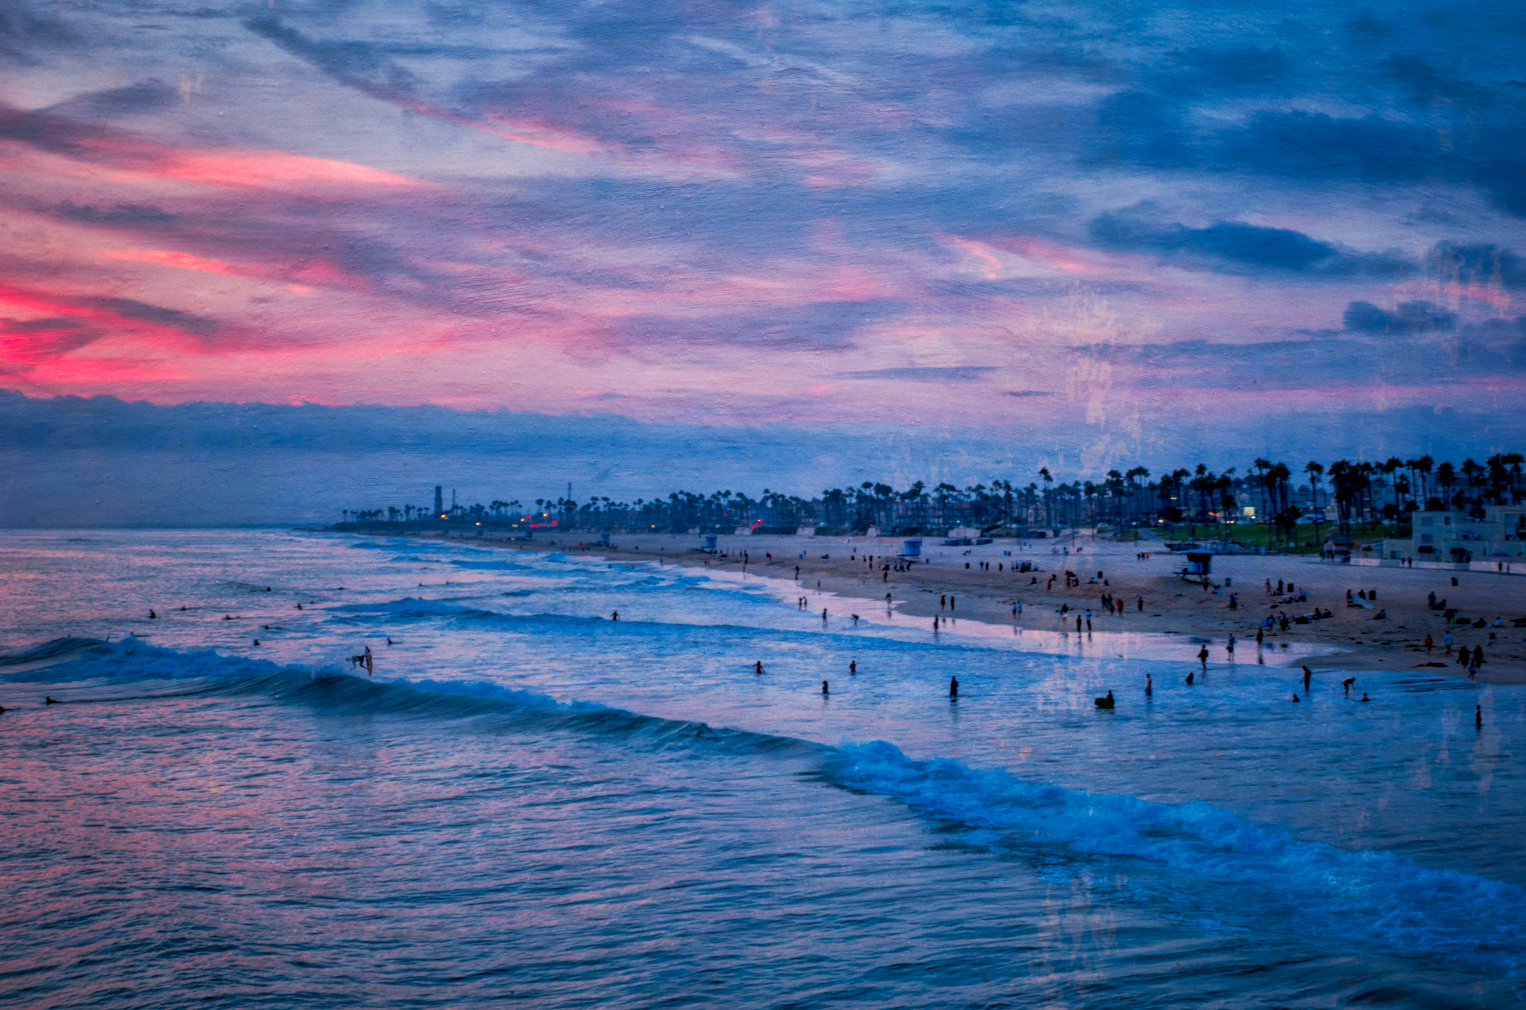 Huntington Beach, California - August 2018